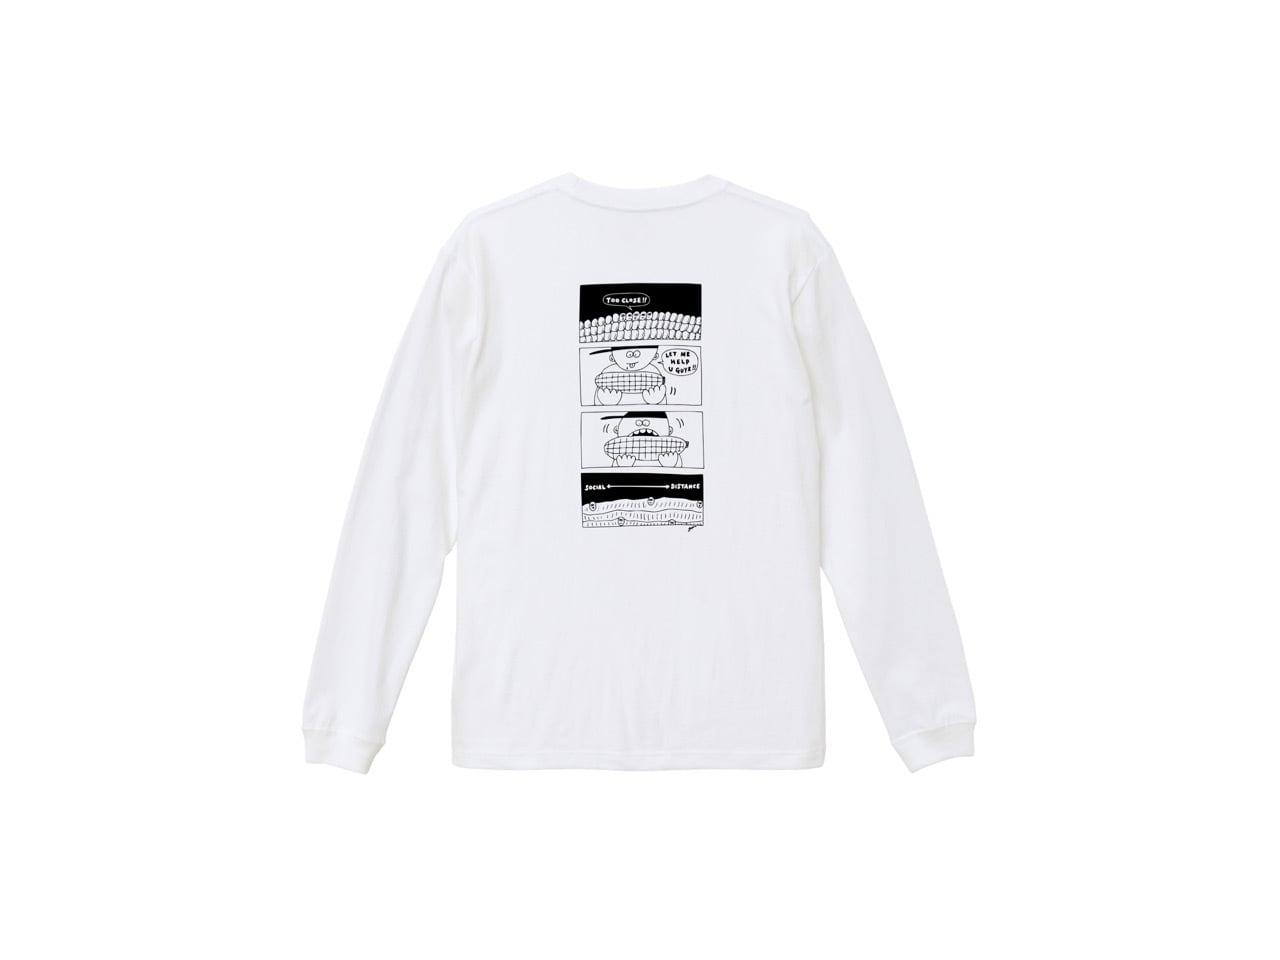 SHI × coguchi Corn SD long T-shirt (WH/BLK)